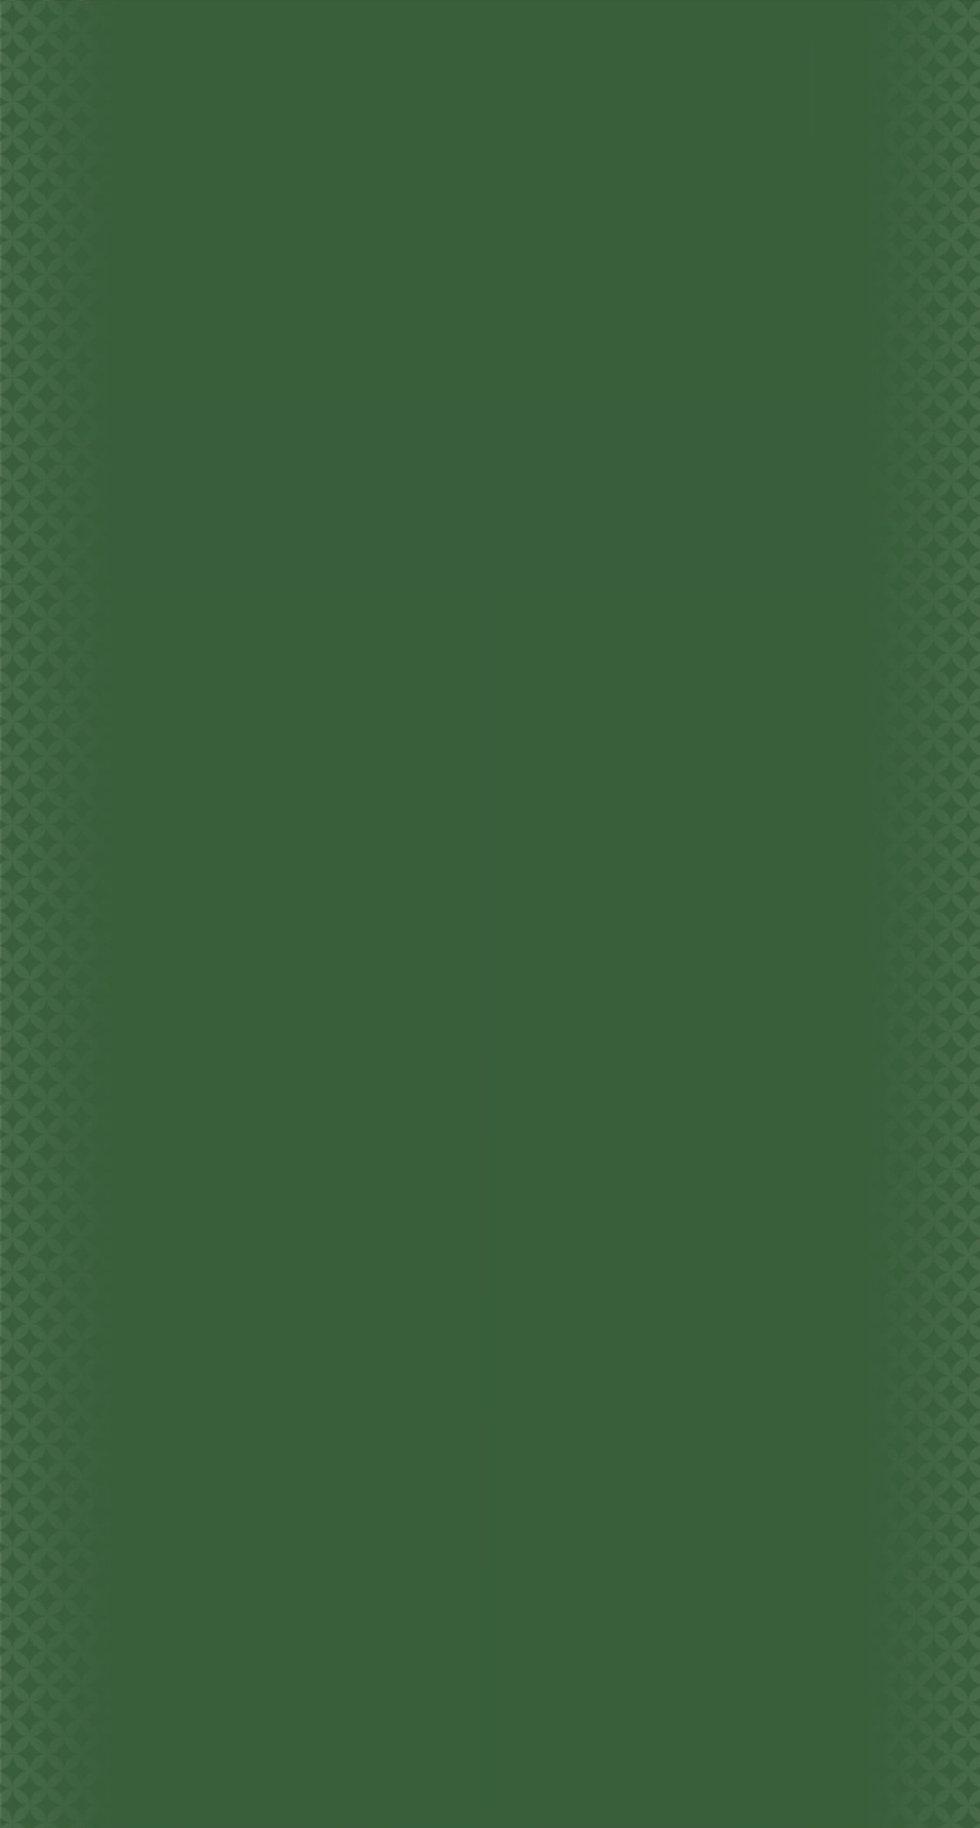 深緑背景.jpg